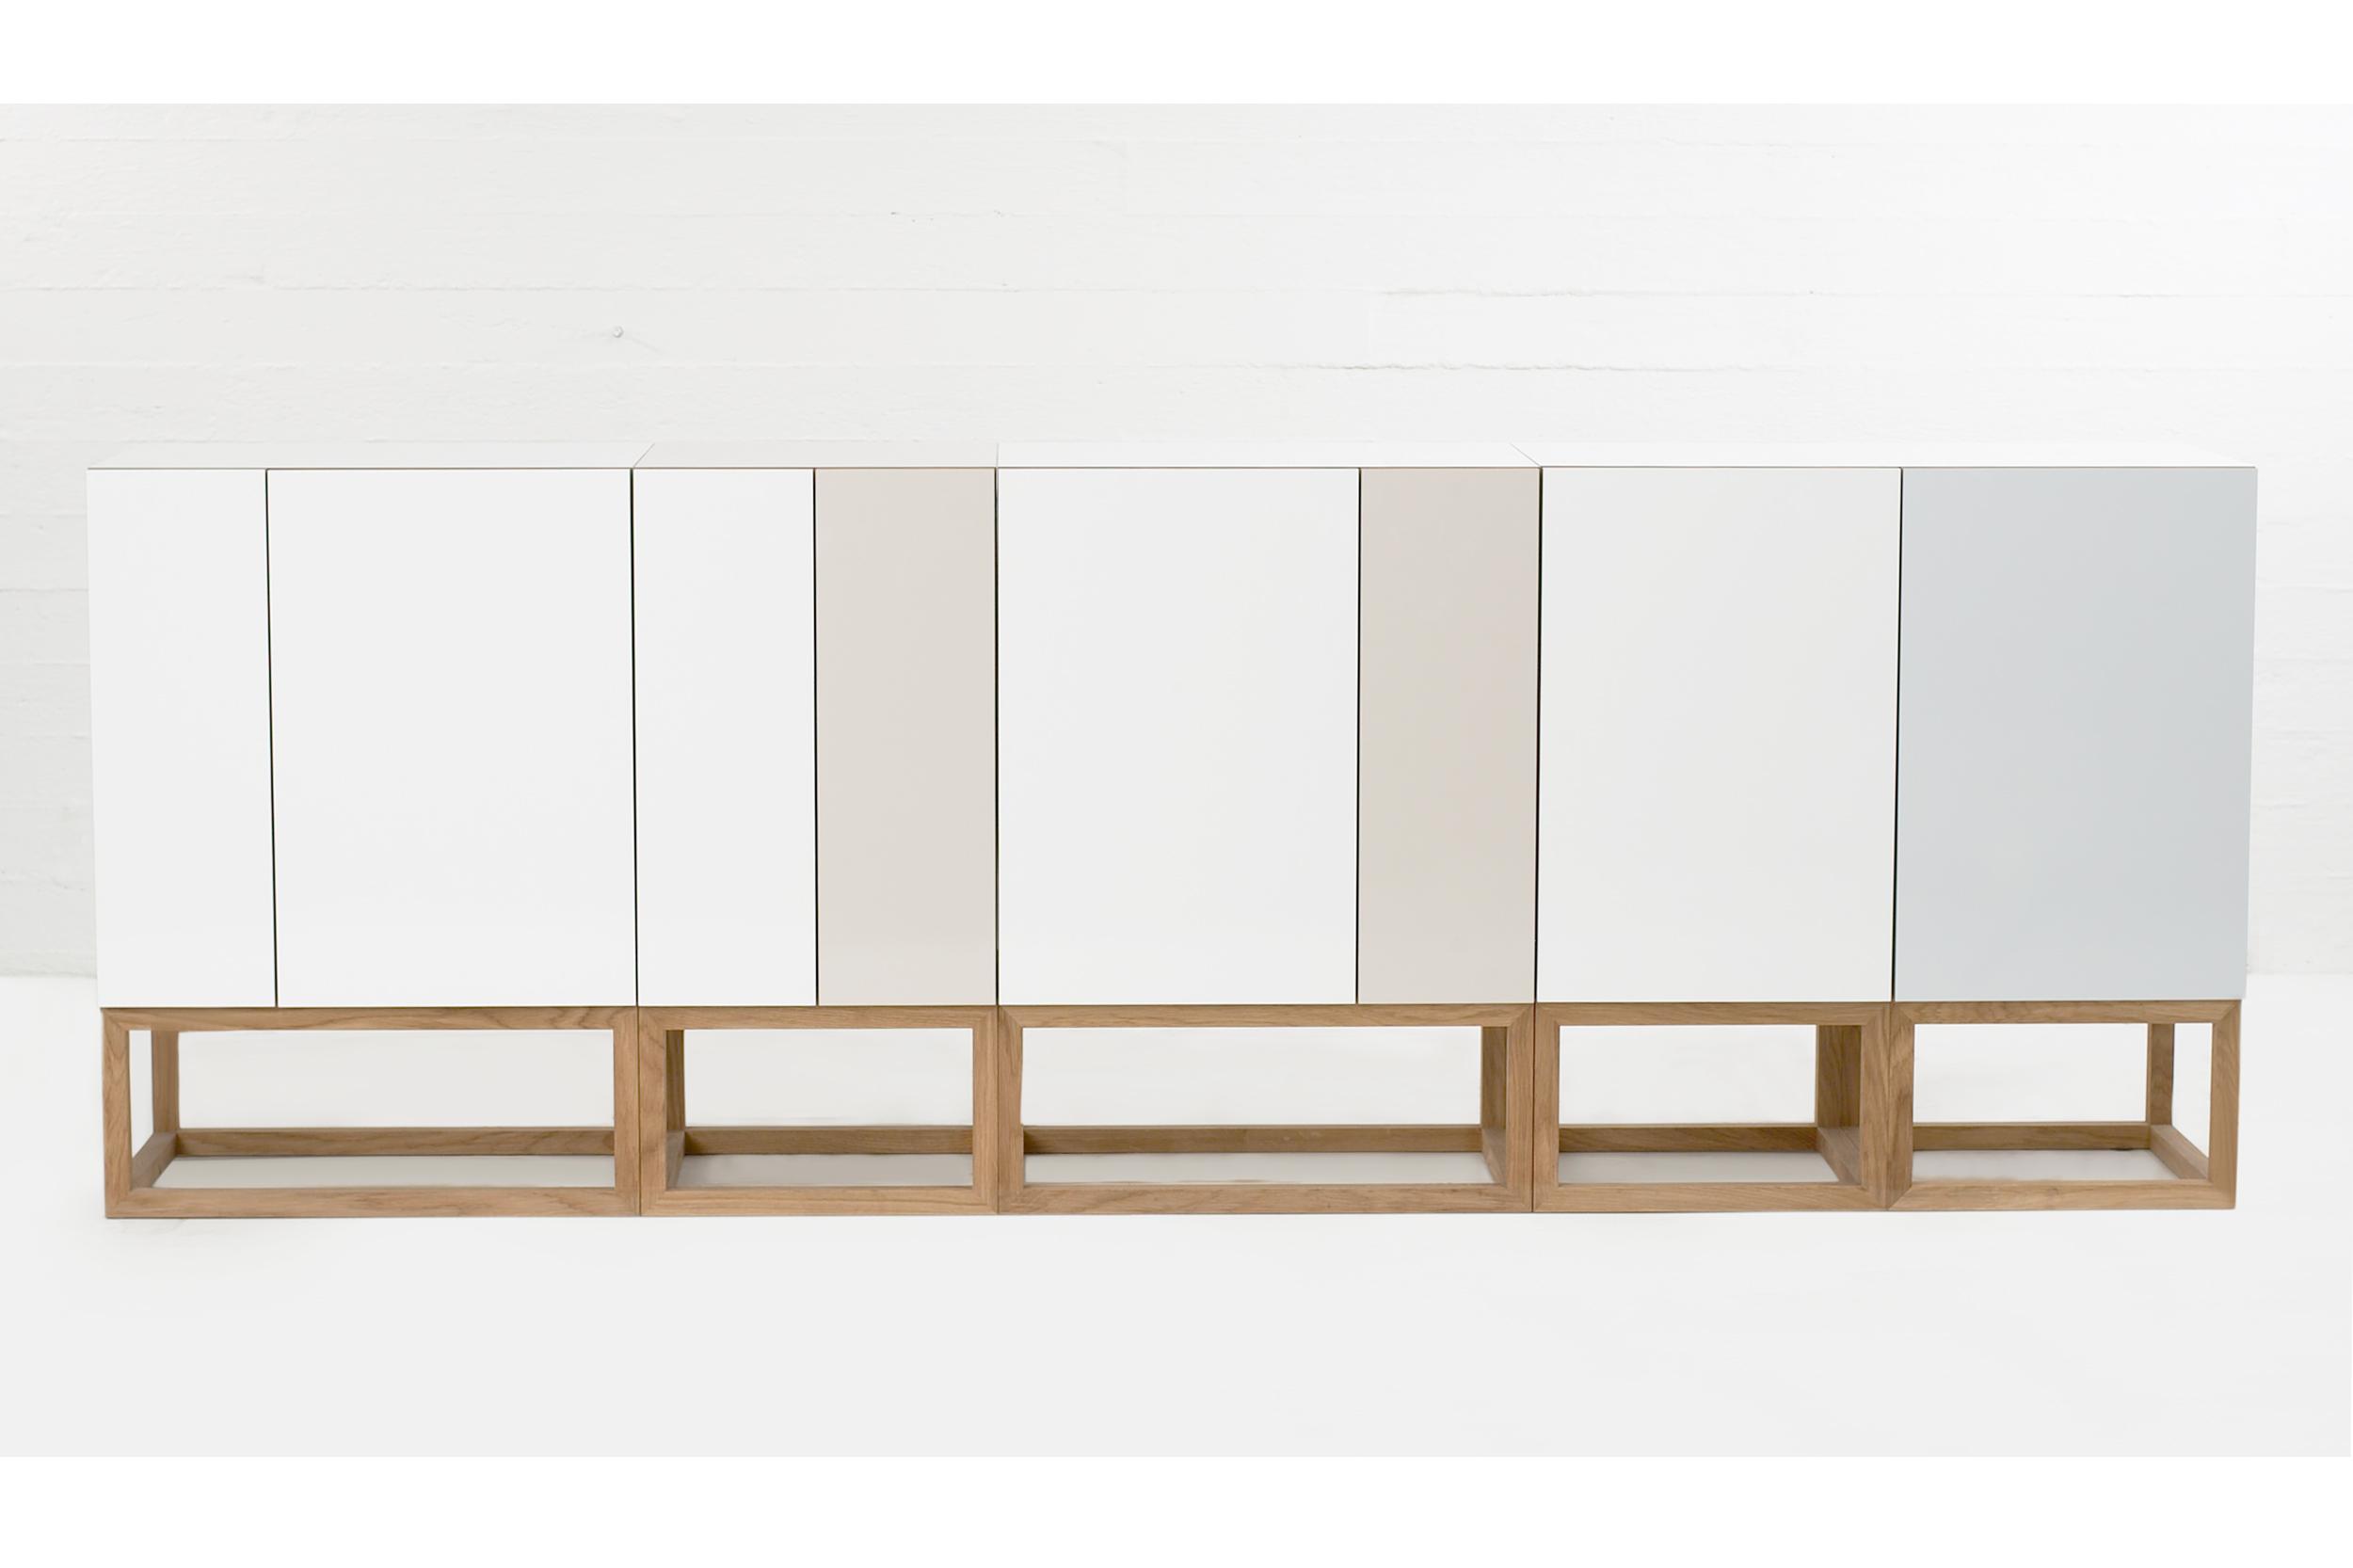 Habitek stipe cabinet in white, beige and lagoon blue